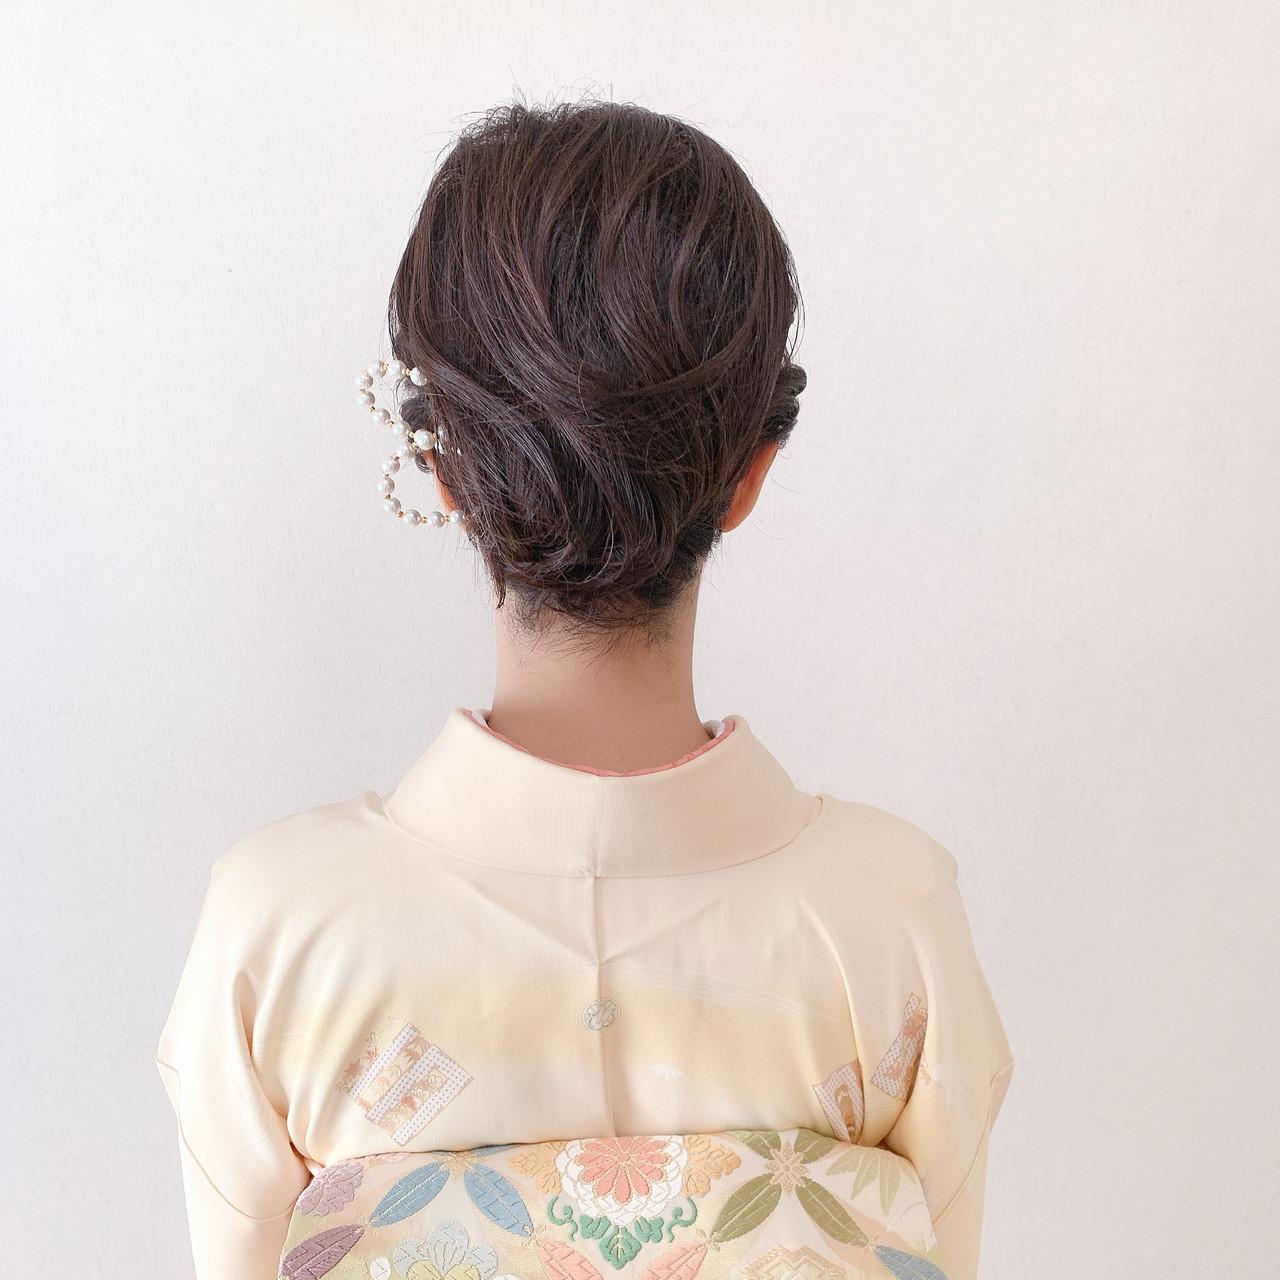 和装ヘア ボブ 結婚式ヘアアレンジ ショートボブ ヘアスタイルや髪型の写真・画像